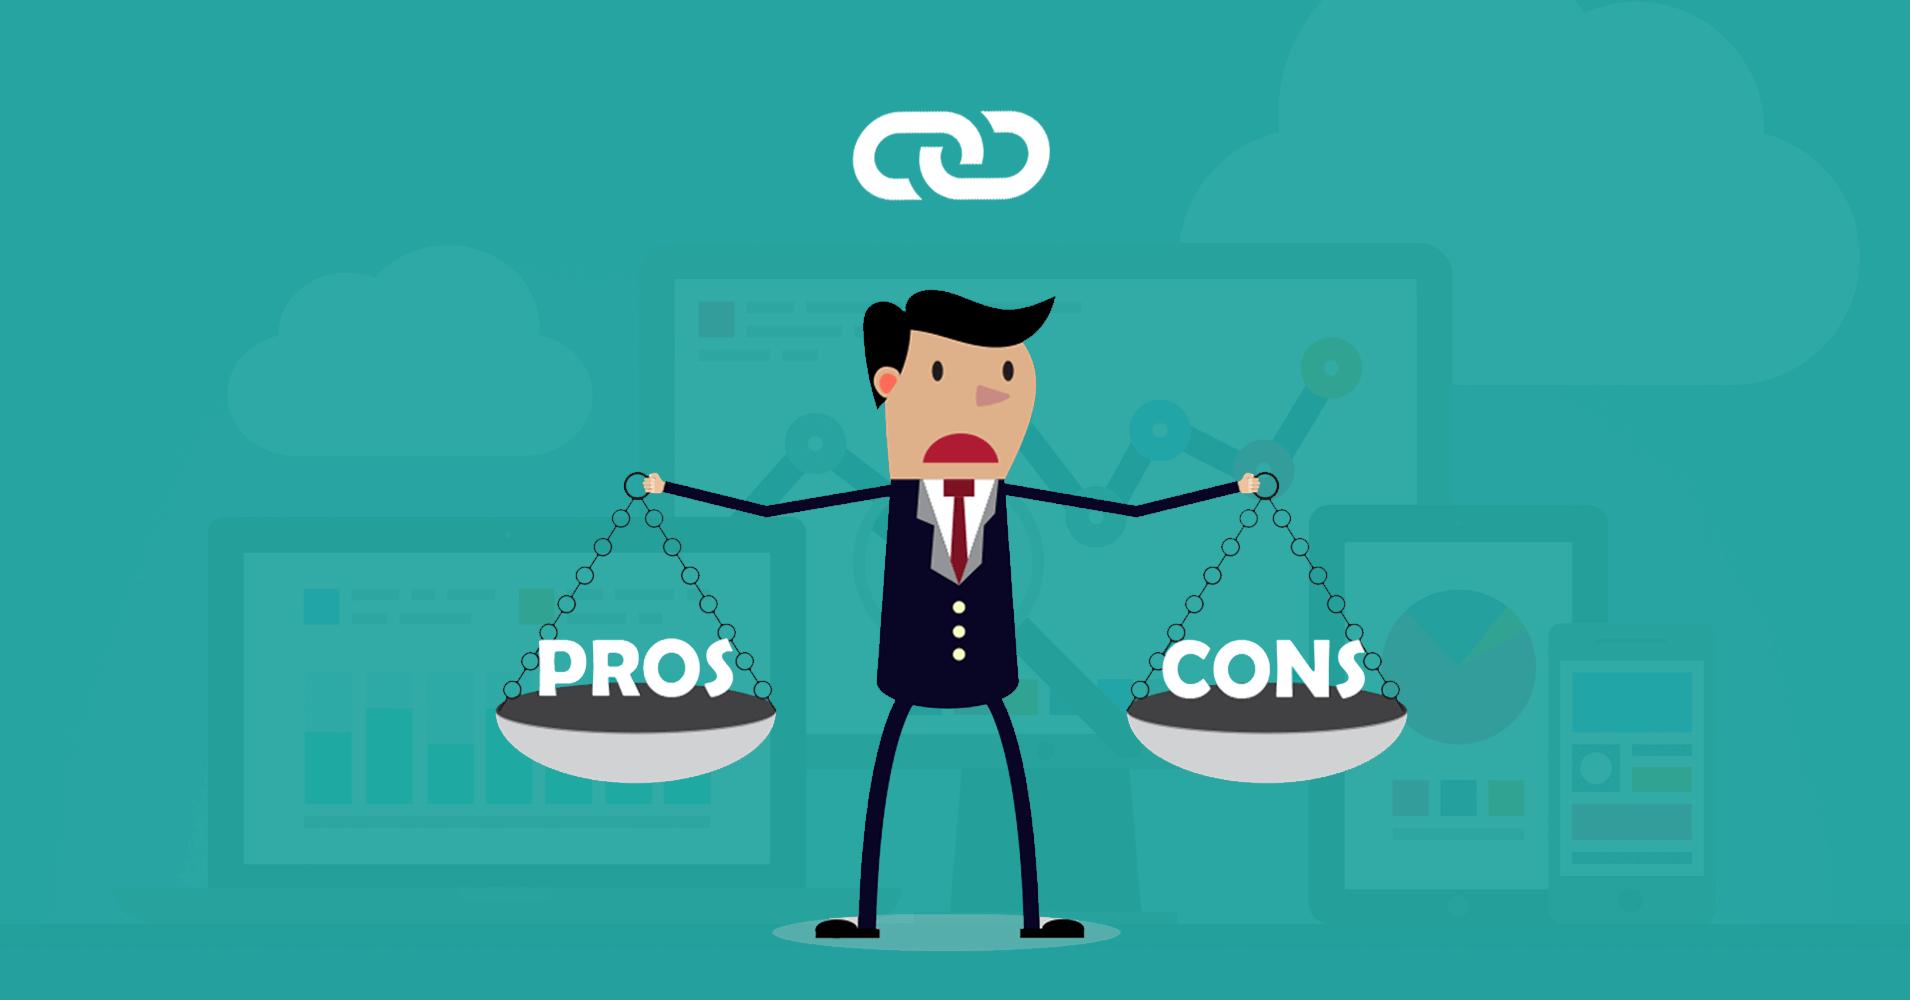 Pros and Cons là gì? Các từ quan trọng liên quan đến Pros and Cons